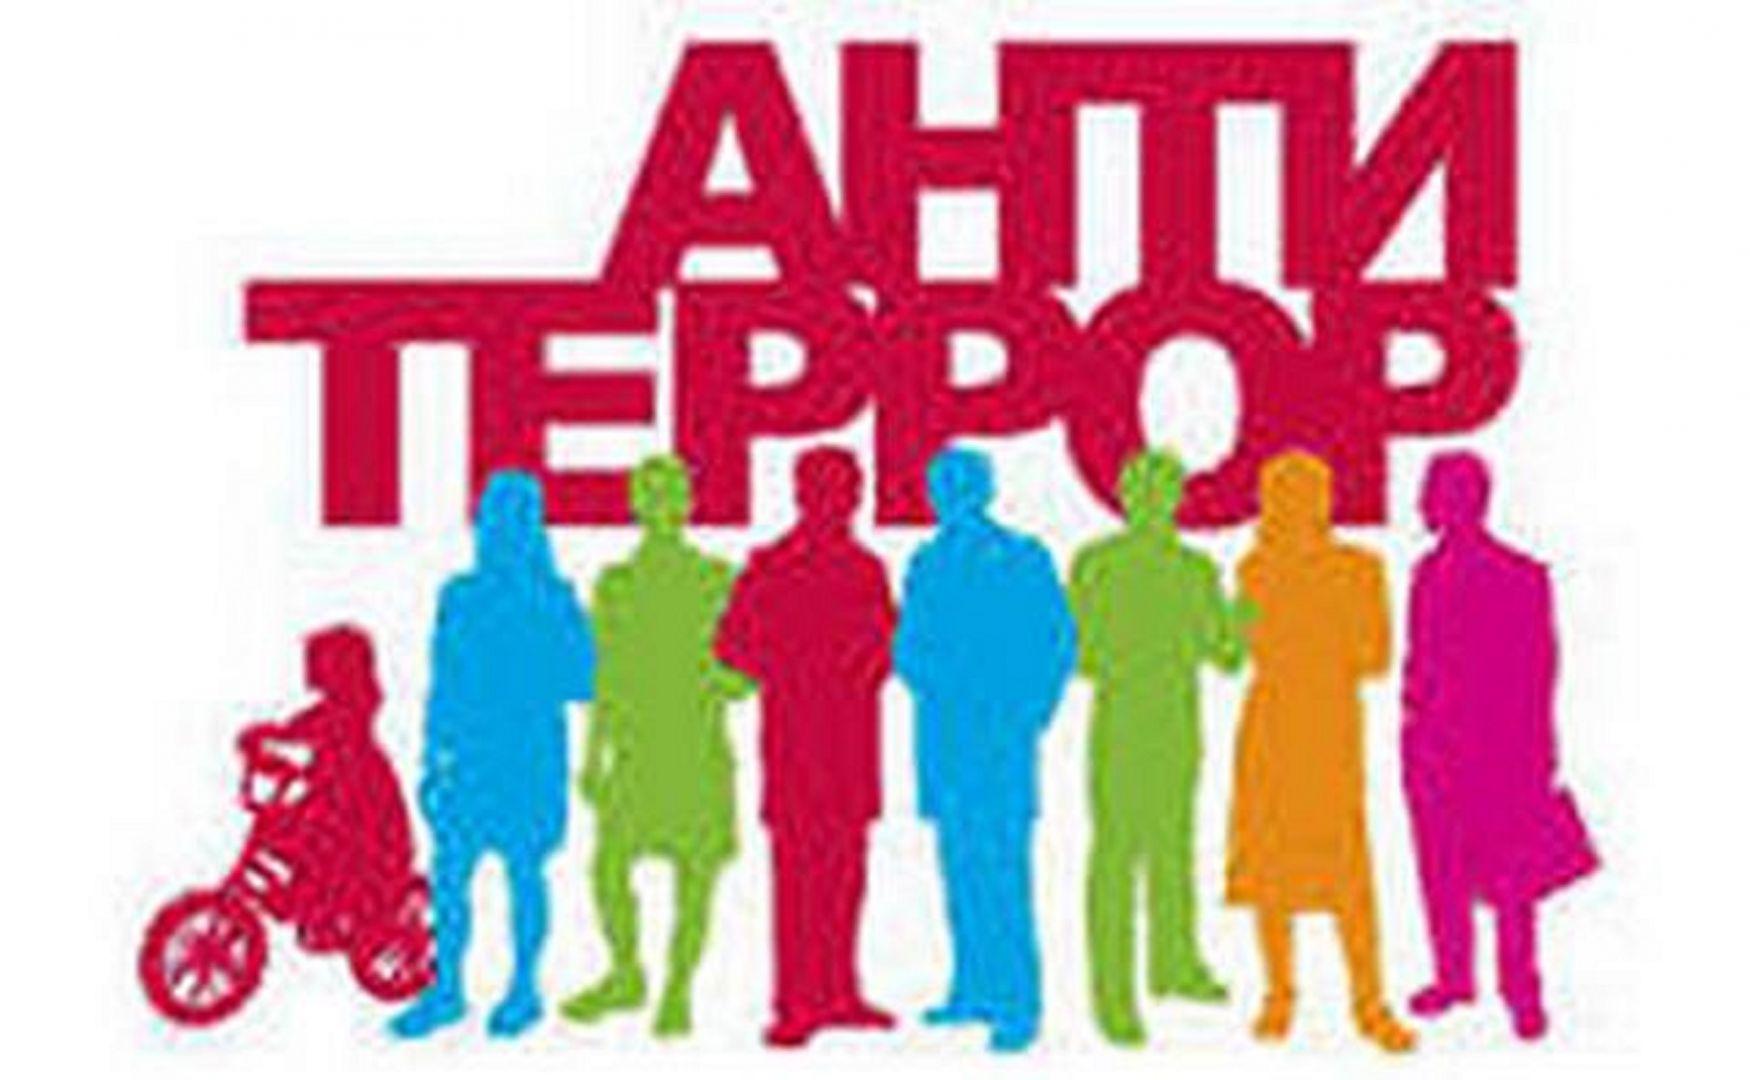 Меры антитеррористической безопасности объектов жизнеобеспечения города обсудили в администрации Ставрополя